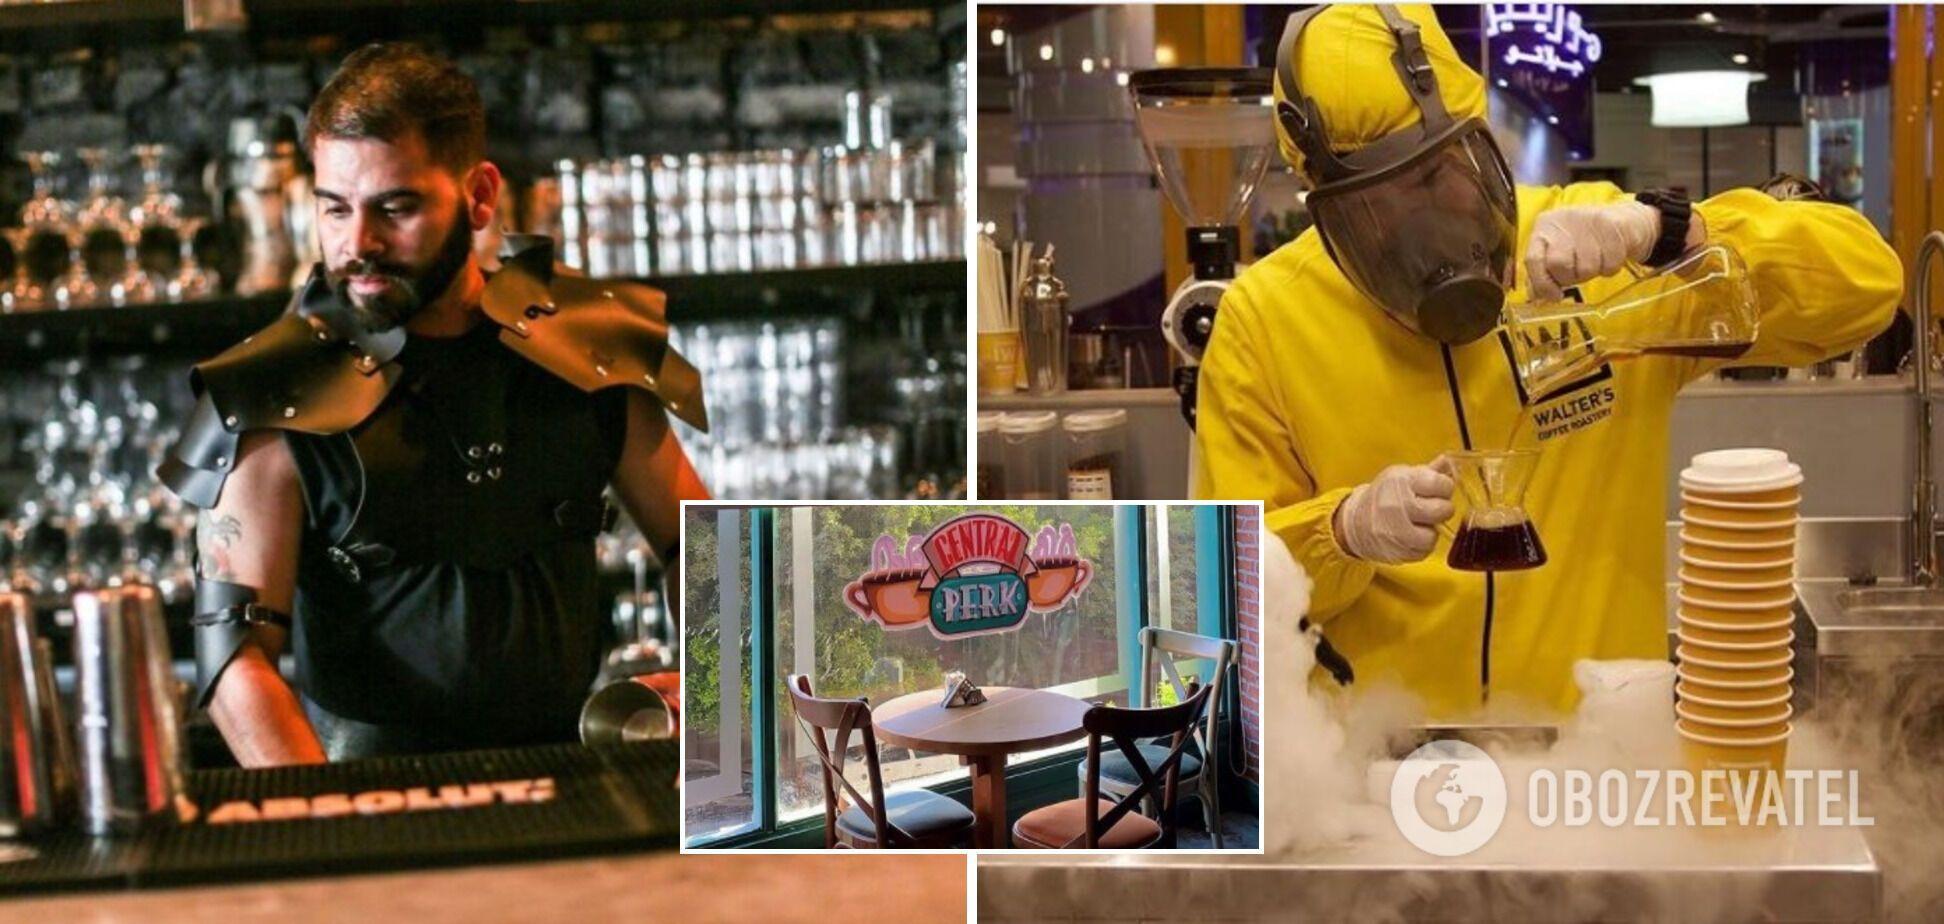 'Ігри престолів' і 'Друзі': як виглядають кафе за мотивами відомих серіалів і фільмів. Фото